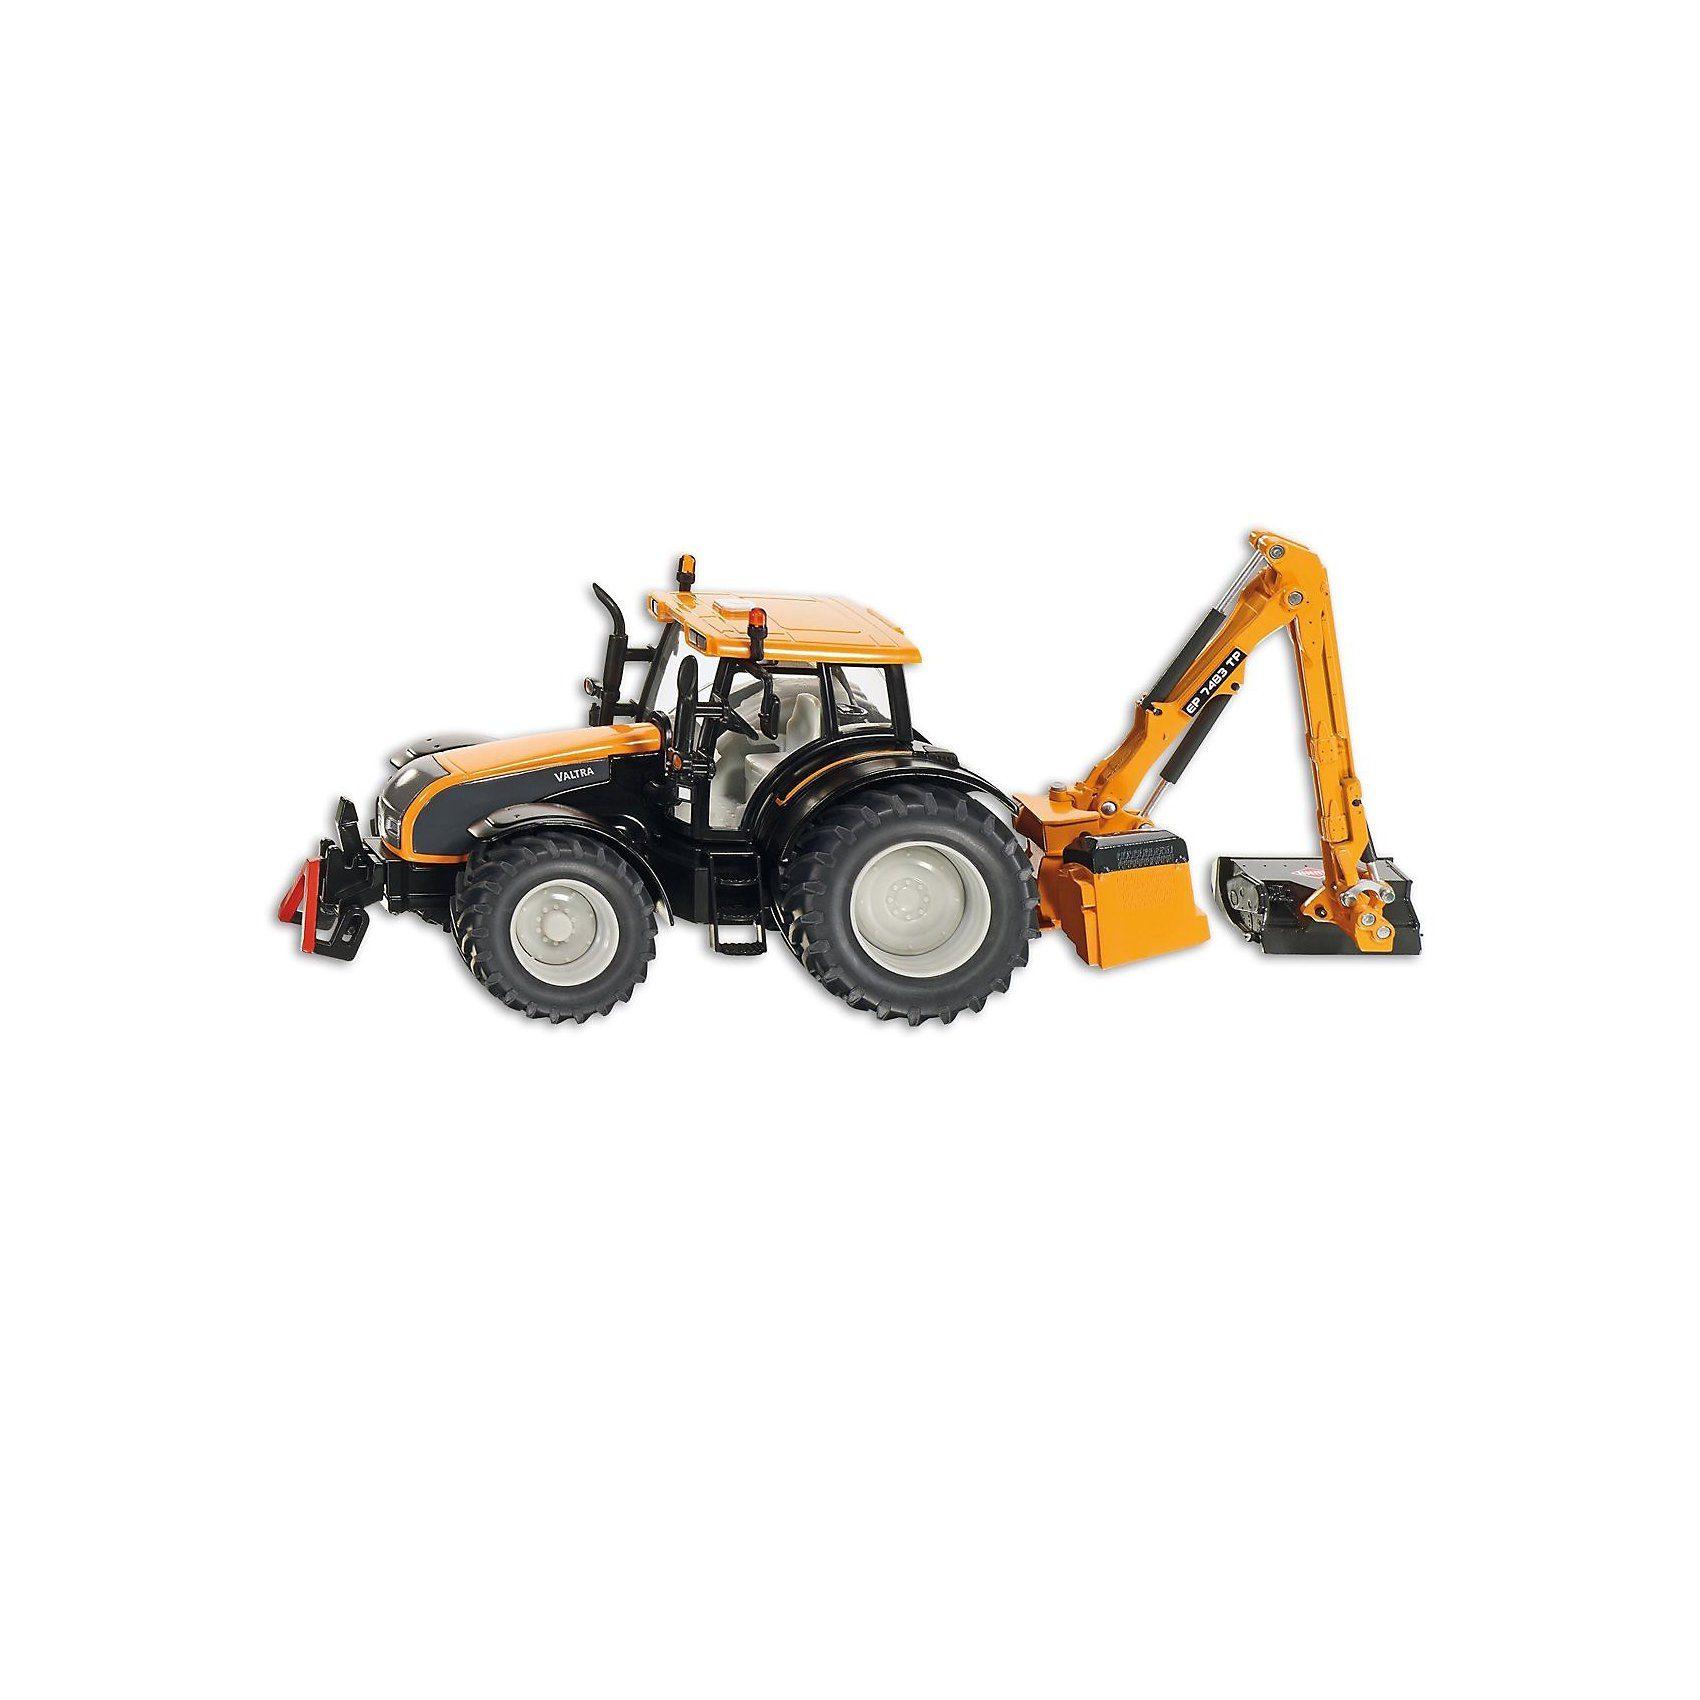 SIKU Farmer 3659 Valtra Traktor mit Kuhn Böschungsmähwerk 1:32